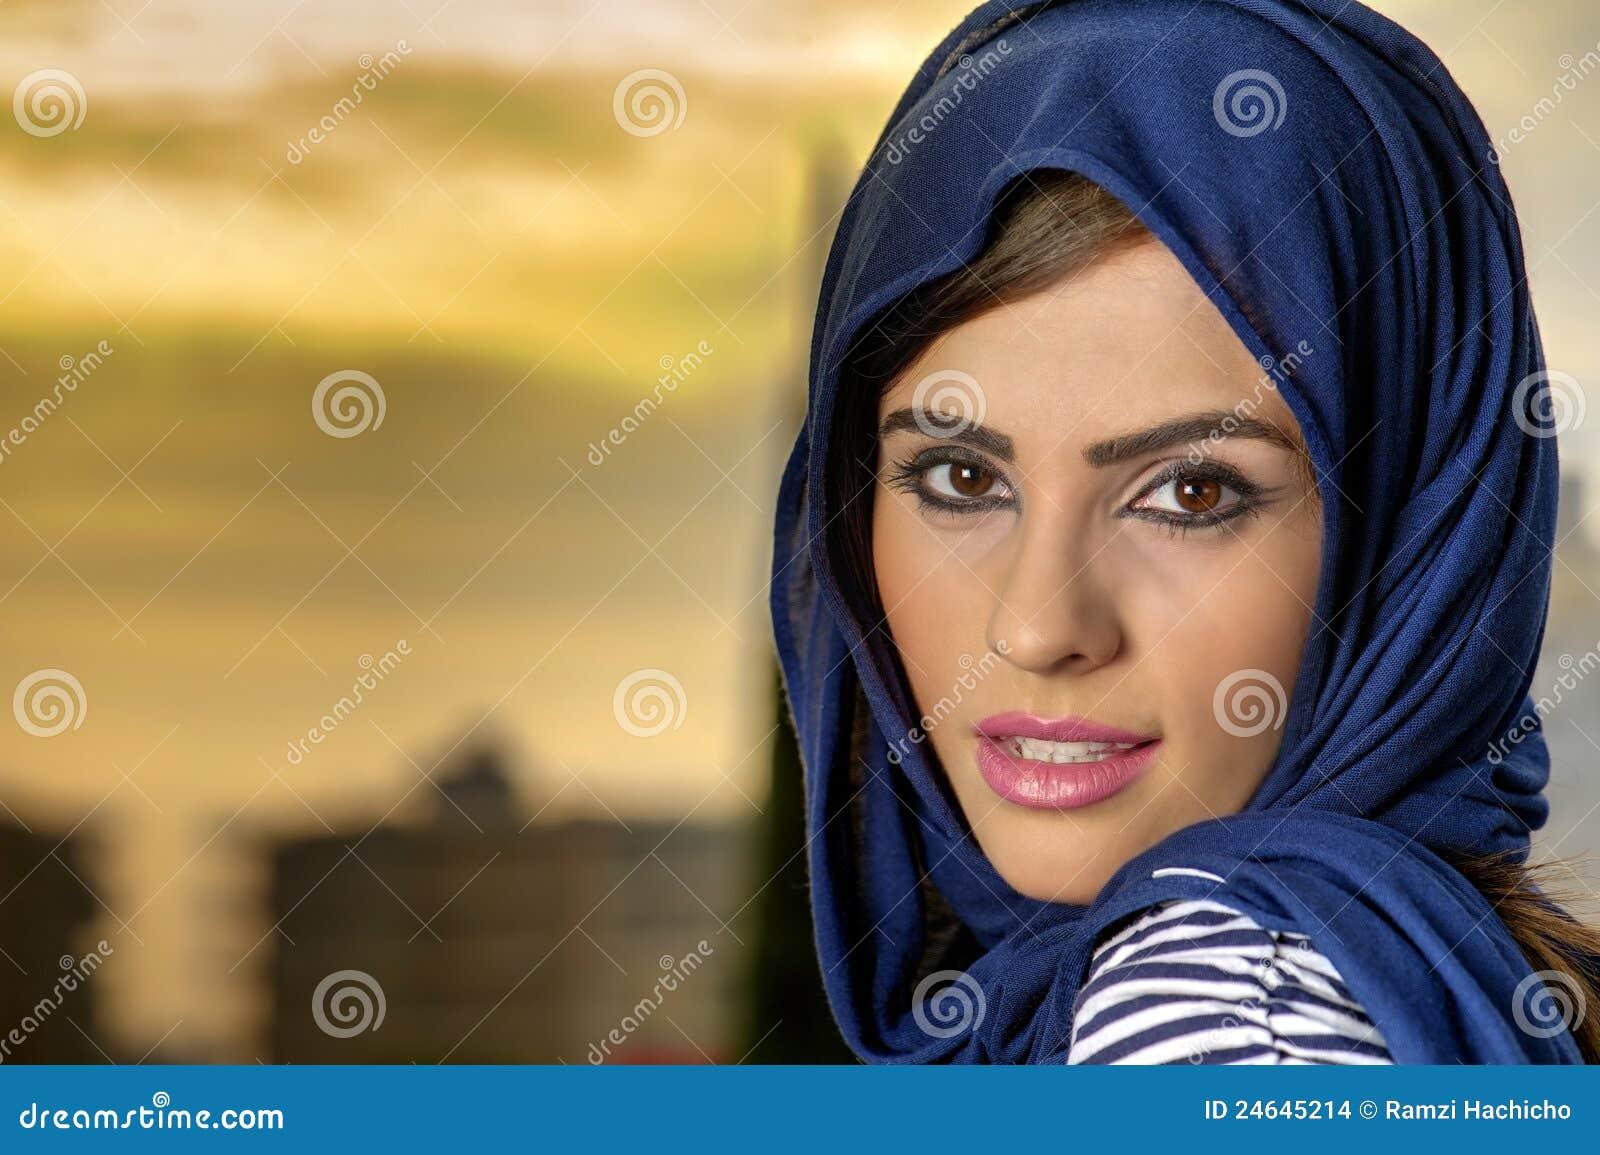 Fille Arabe fille arabe de beauté sensuelle avec le hijab photo stock - image du